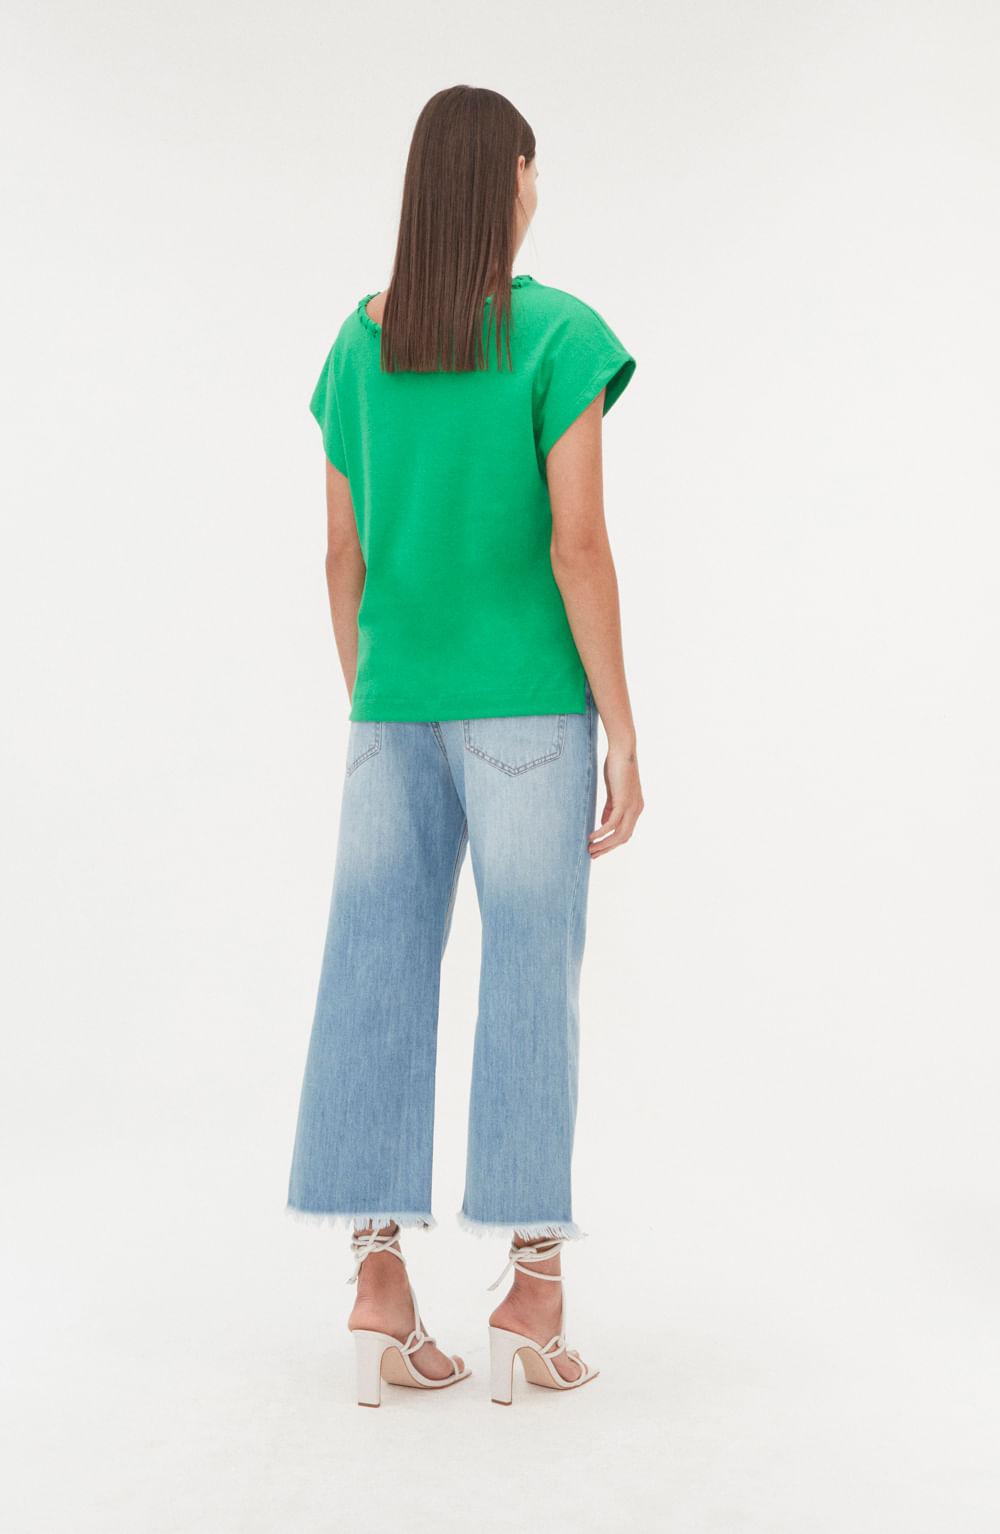 camiseta verde em malha manga curta com detalhe no decote